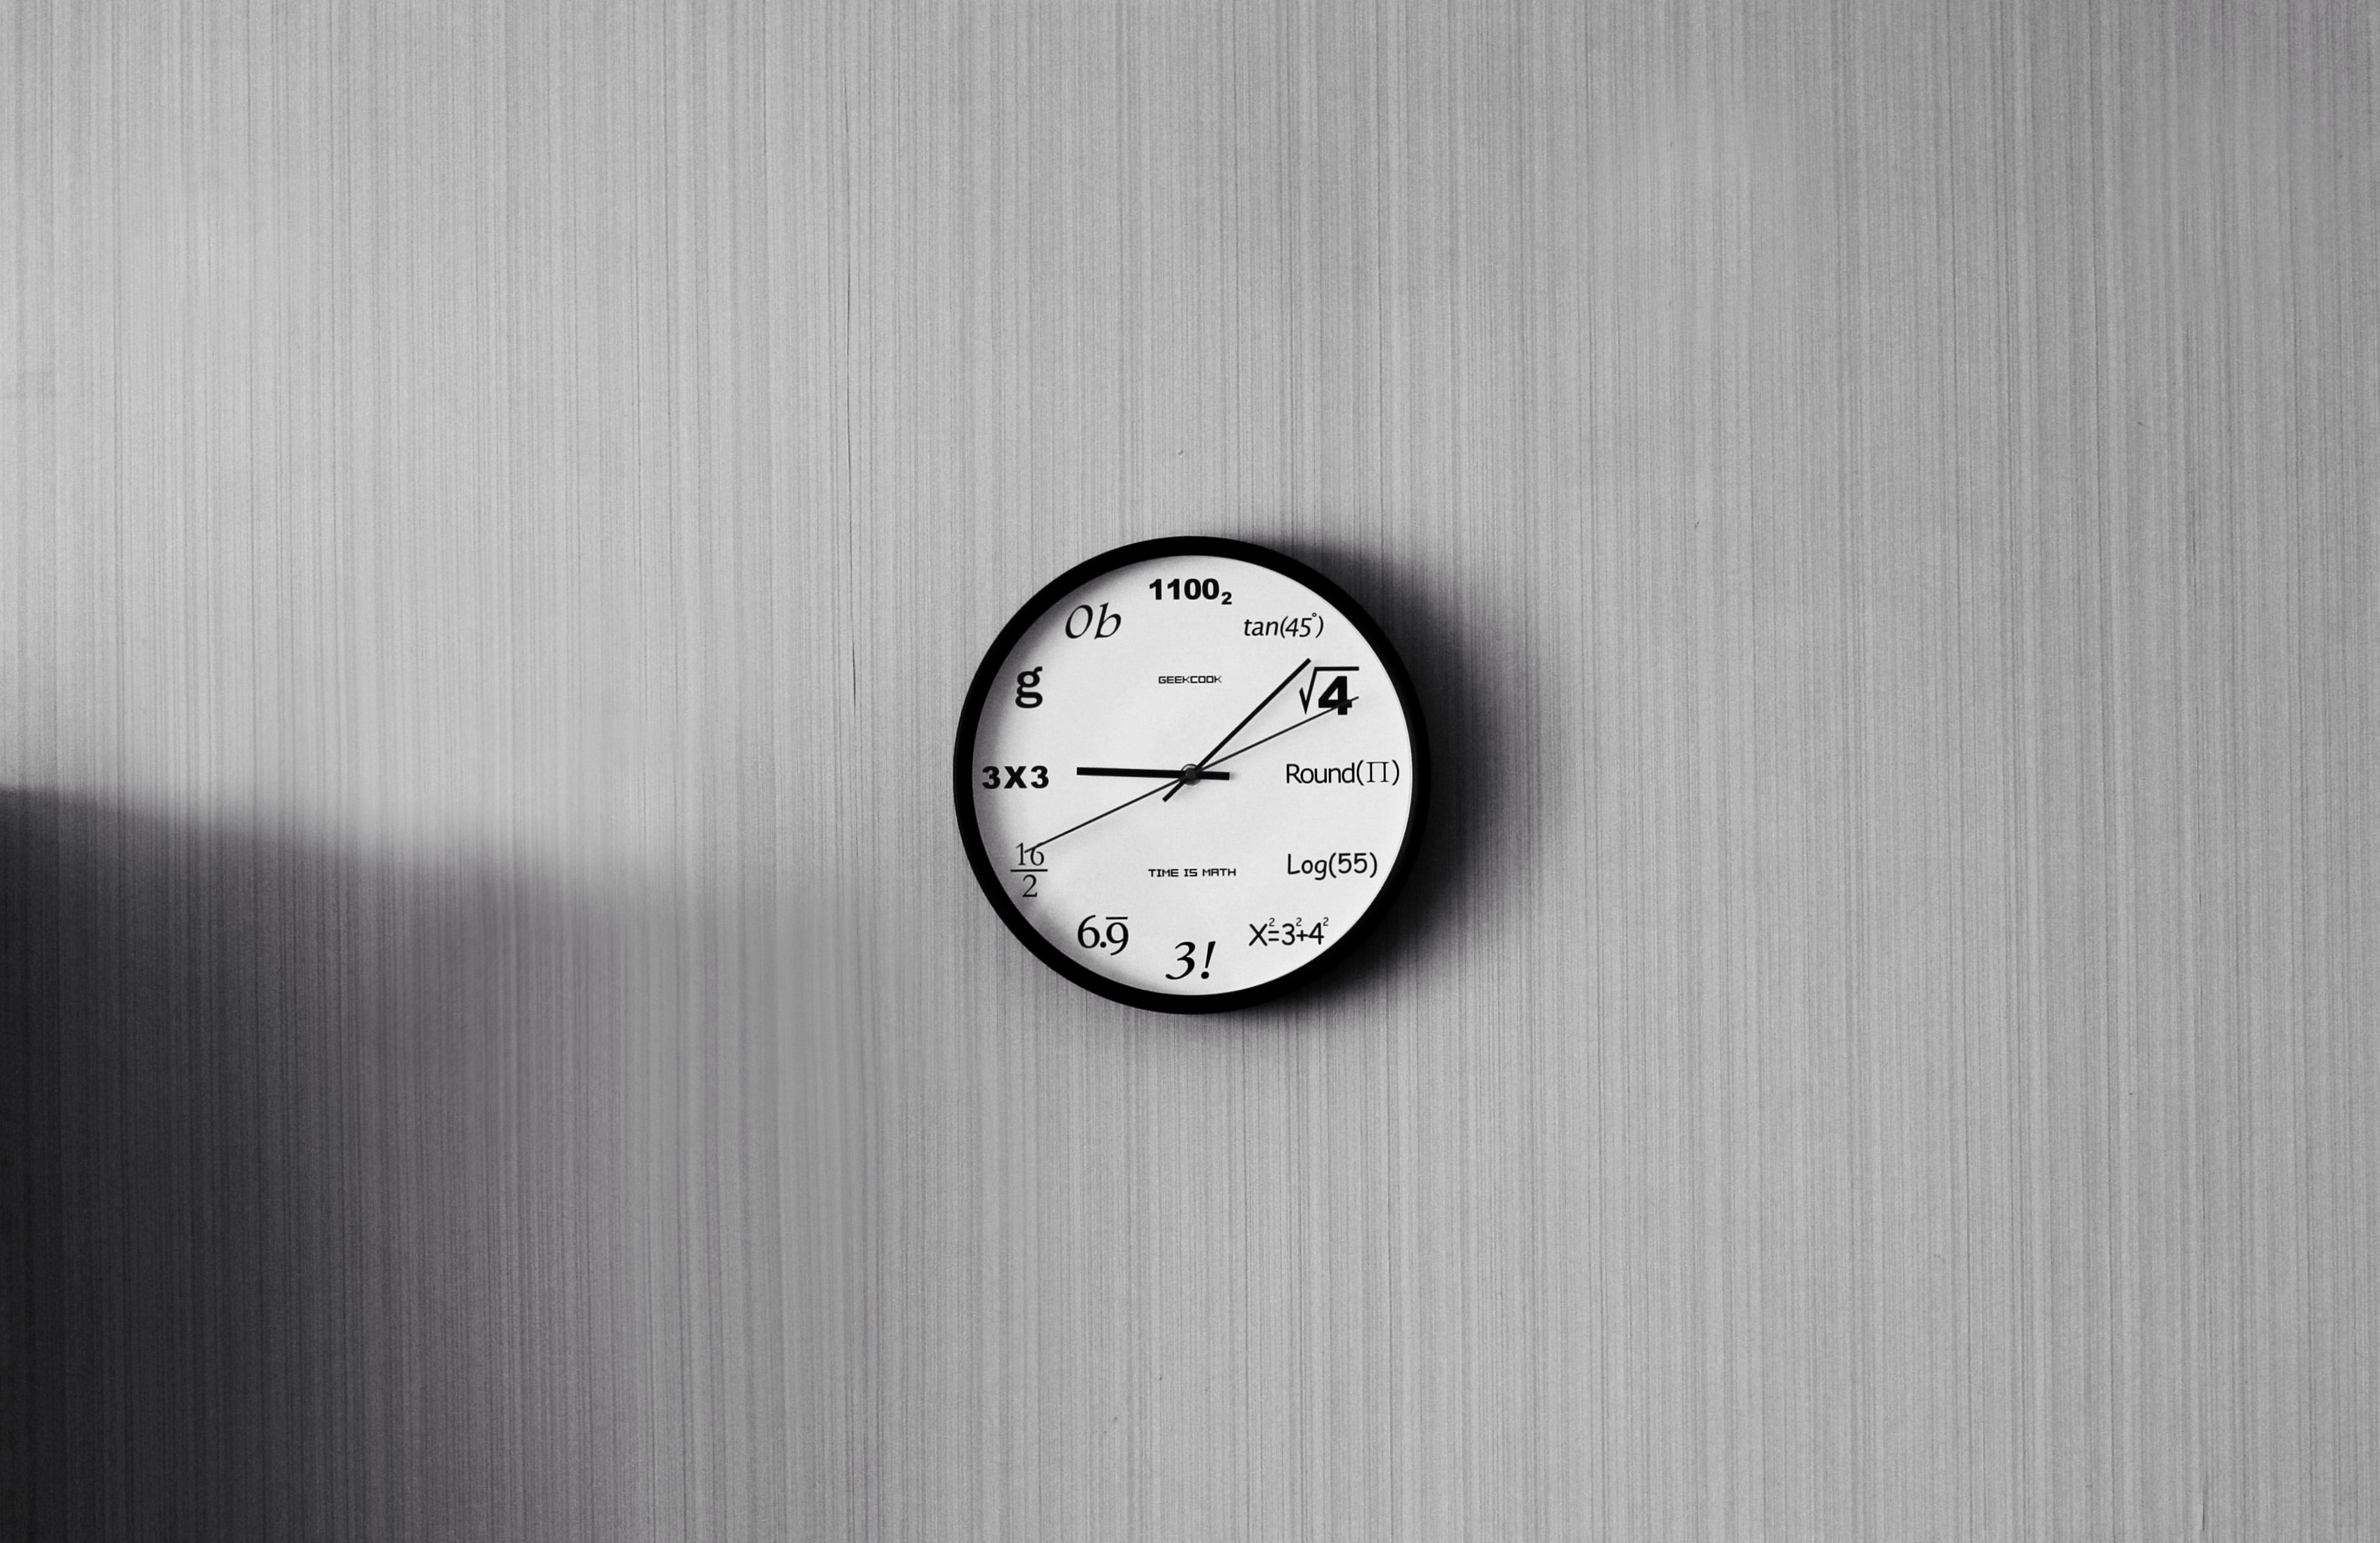 Eine Uhr an einer grauen Wand.